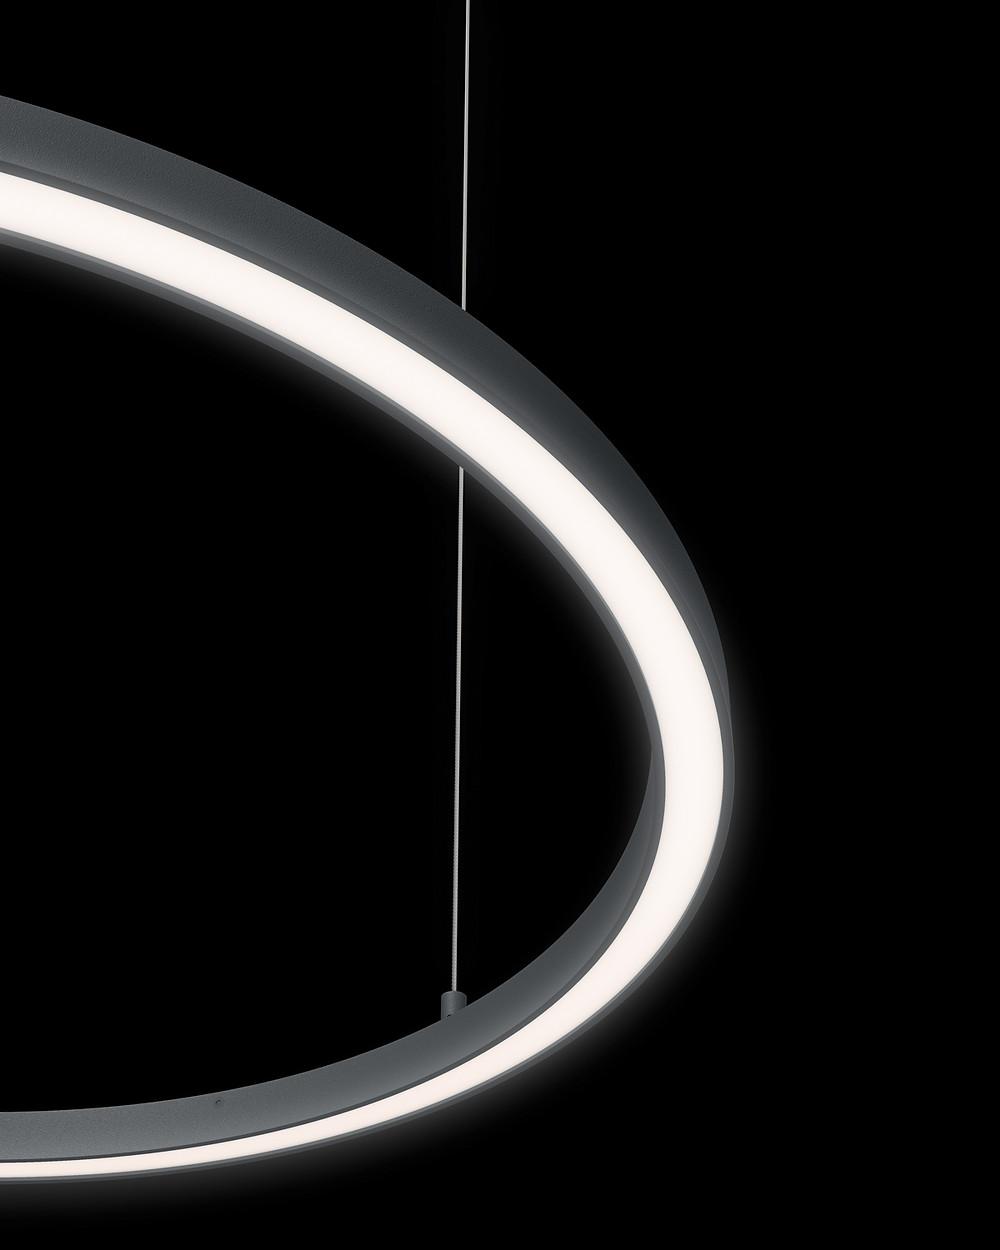 Donut Slim Iluminação Tromilux marca nacional fabricante portugues luminaria candeeiros suspenso circular redondo perfil aluminio fino em LED